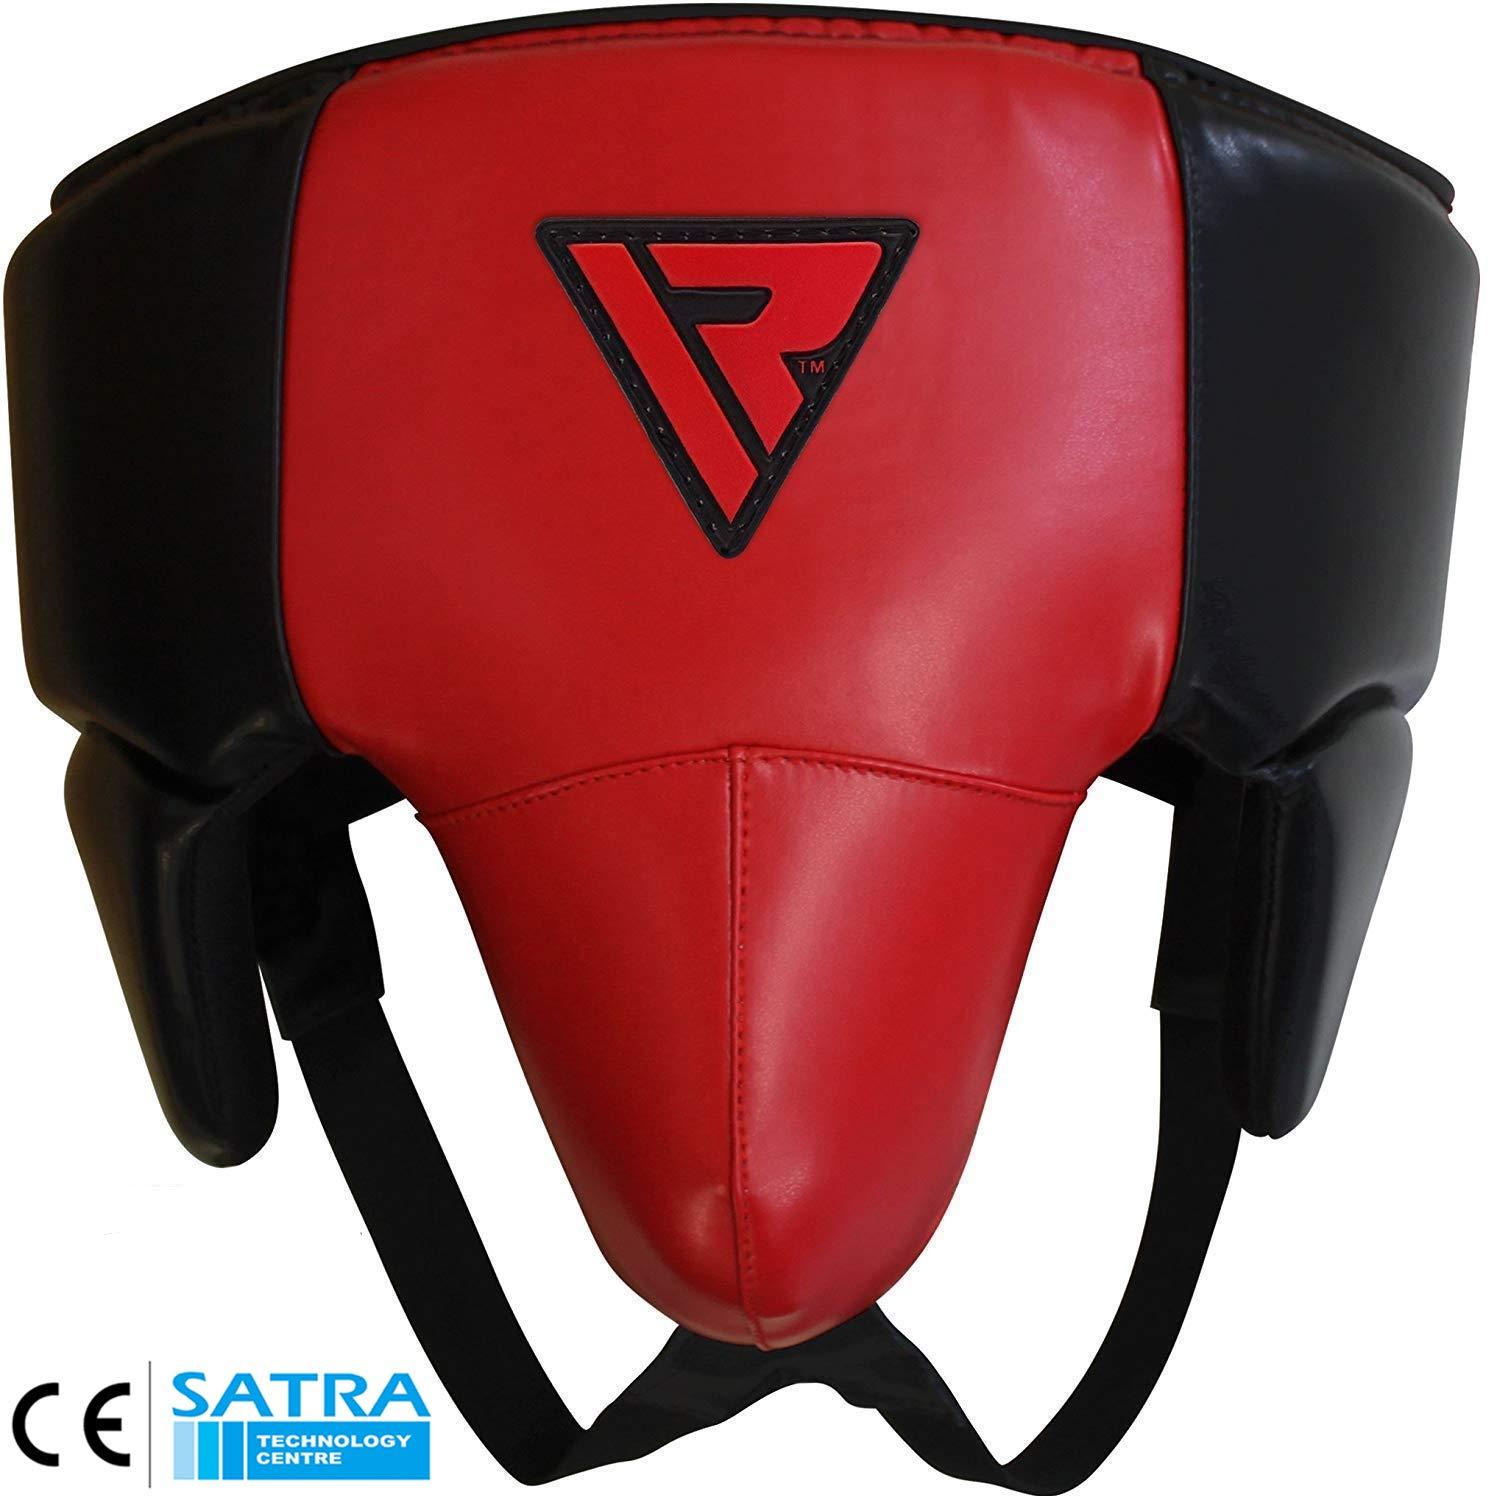 早い者勝ち RDX MMA MMA AbdoガードGroin Cup大人用ボクシングAbdominalプロテクターJock Strapタイ式 RDX Medium Strapタイ式 B01C0V4QRE, ブリスエレファントカフェテリア:183e1f6a --- a0267596.xsph.ru